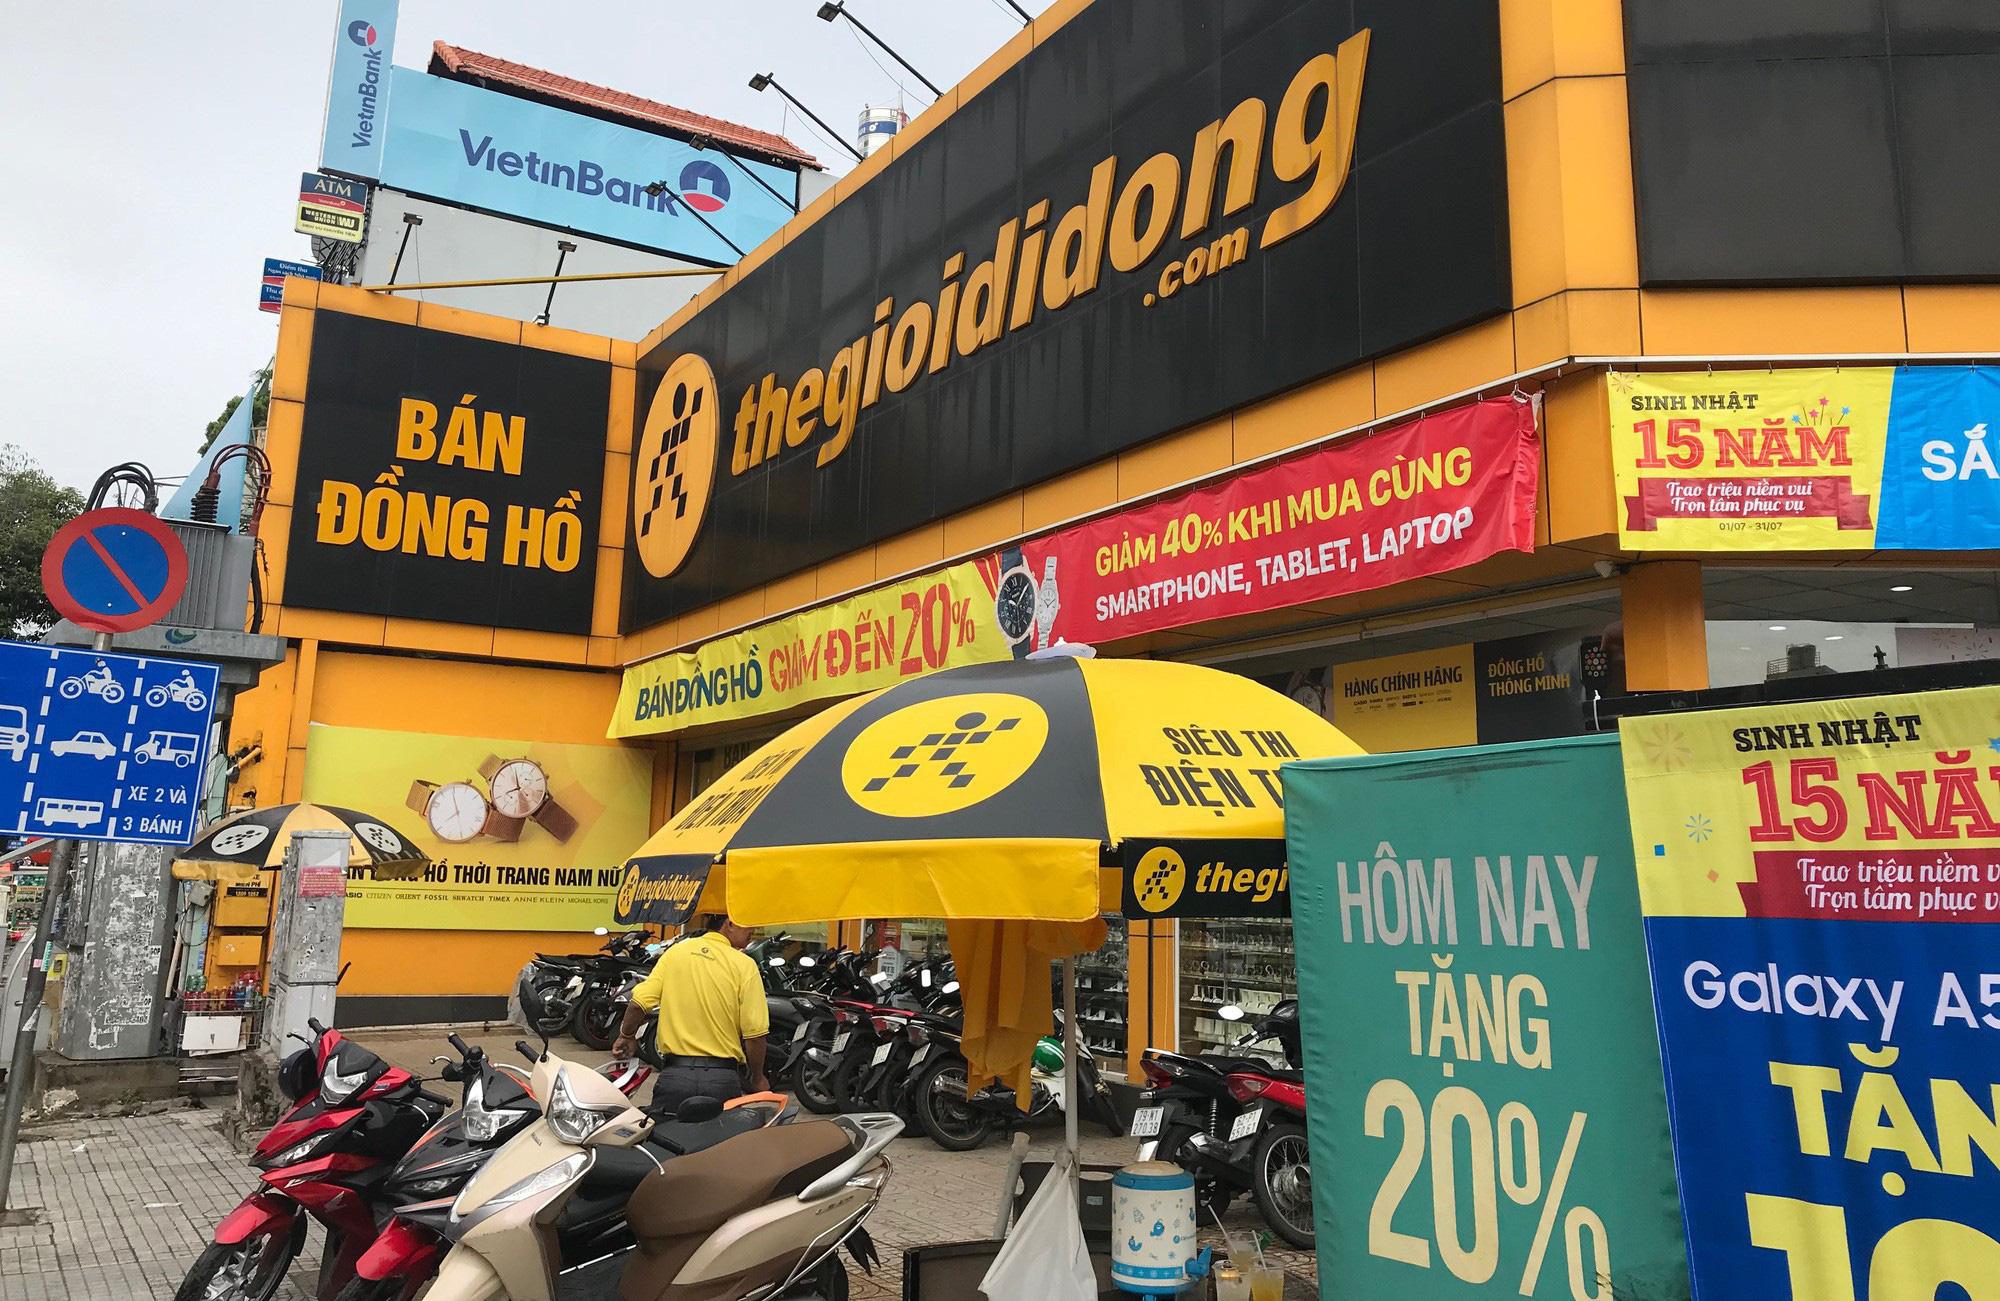 """Năm 2021 """"không ngon lành"""", đại gia Nam Định không lo ngại nhà bán lẻ số 1 bị thâu tóm - Ảnh 2."""